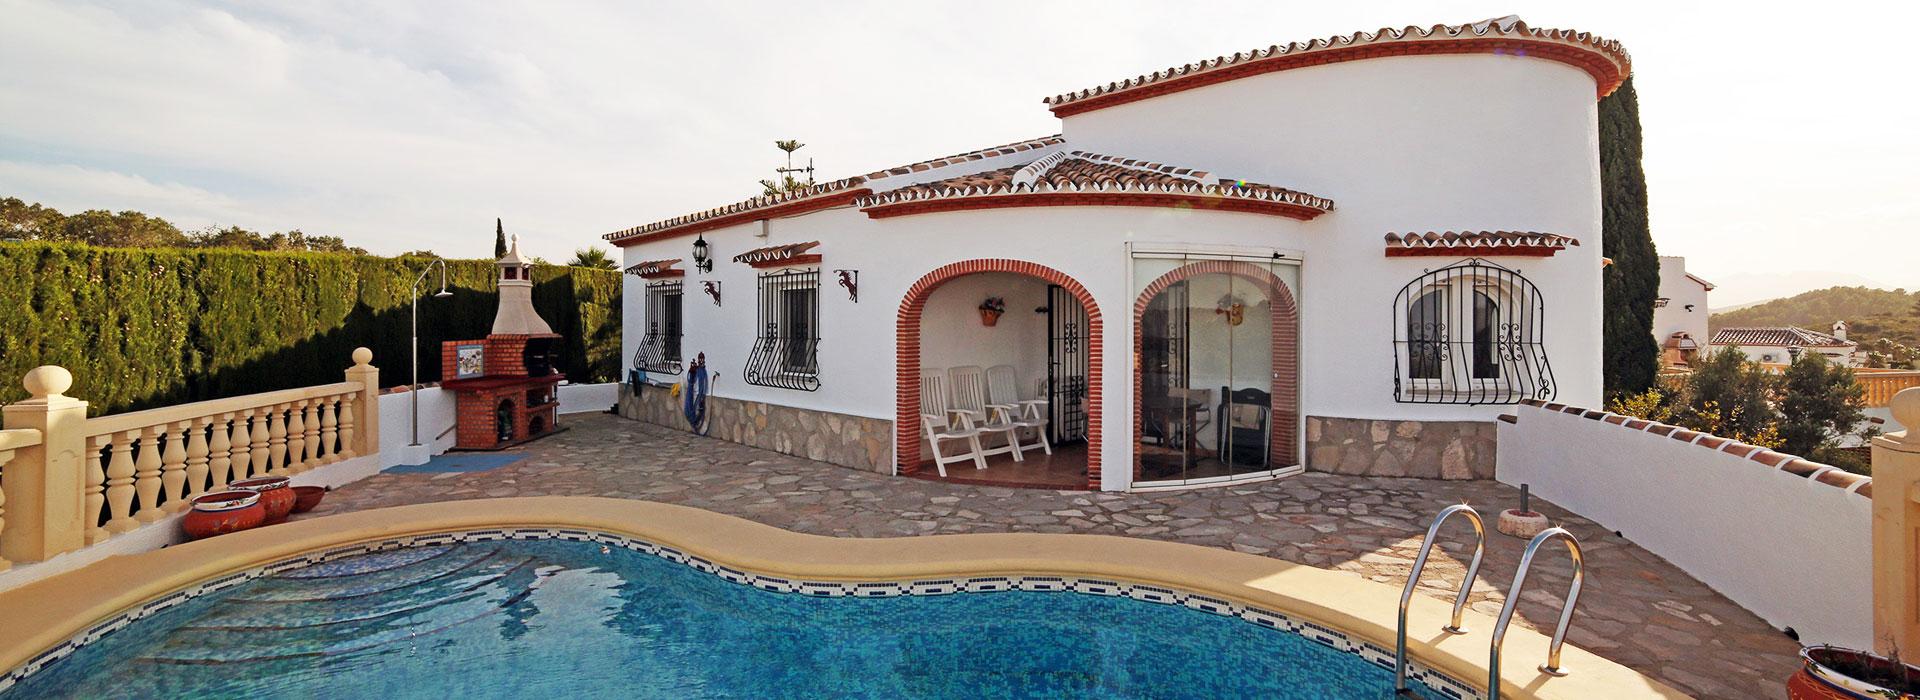 acb.immo - Villa de 3 chambres avec piscine et vue mer à Monte Pedreguer, Dénia